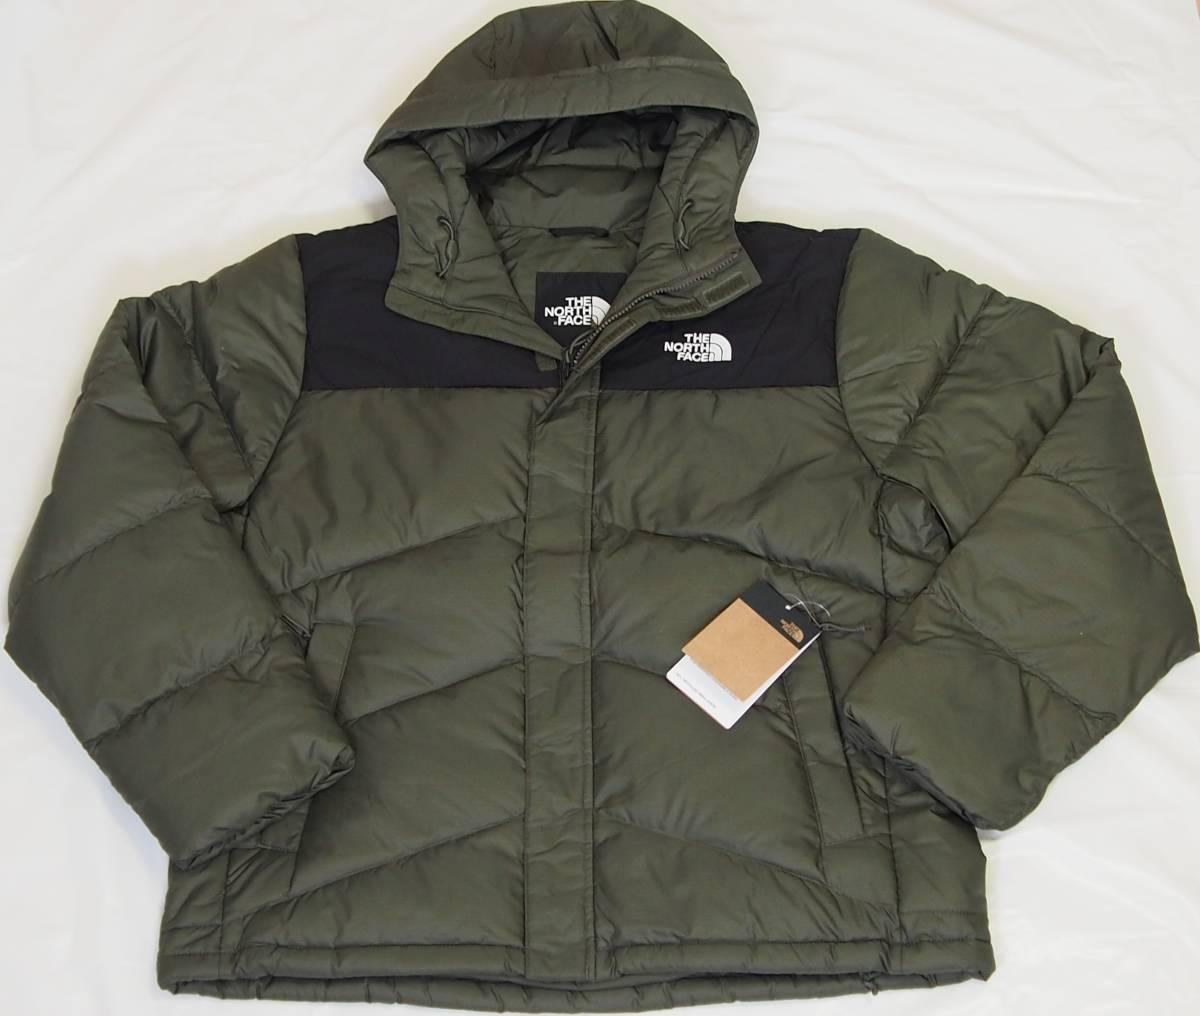 【USA購入、未使用タグ付】ノースフェイス Balham ダウンジャケット メンズ L グリーン Balham Down Jacket NEW TAUPE GREEN MATTE_画像1